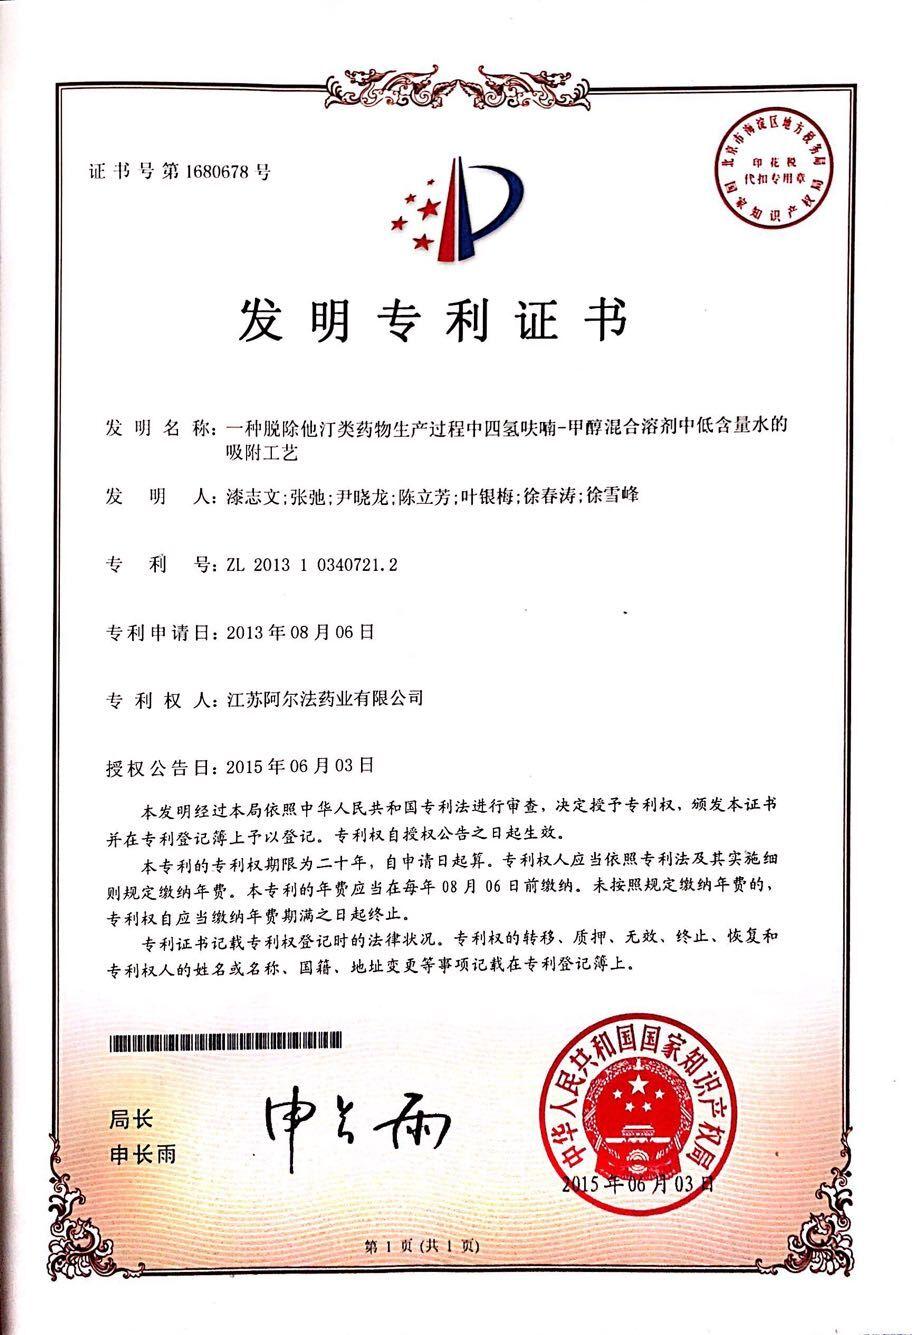 荣誉-专利-12.一种脱除他汀类药物生产过程中四氢呋喃-甲醇混合溶剂中低含量水的吸附工艺